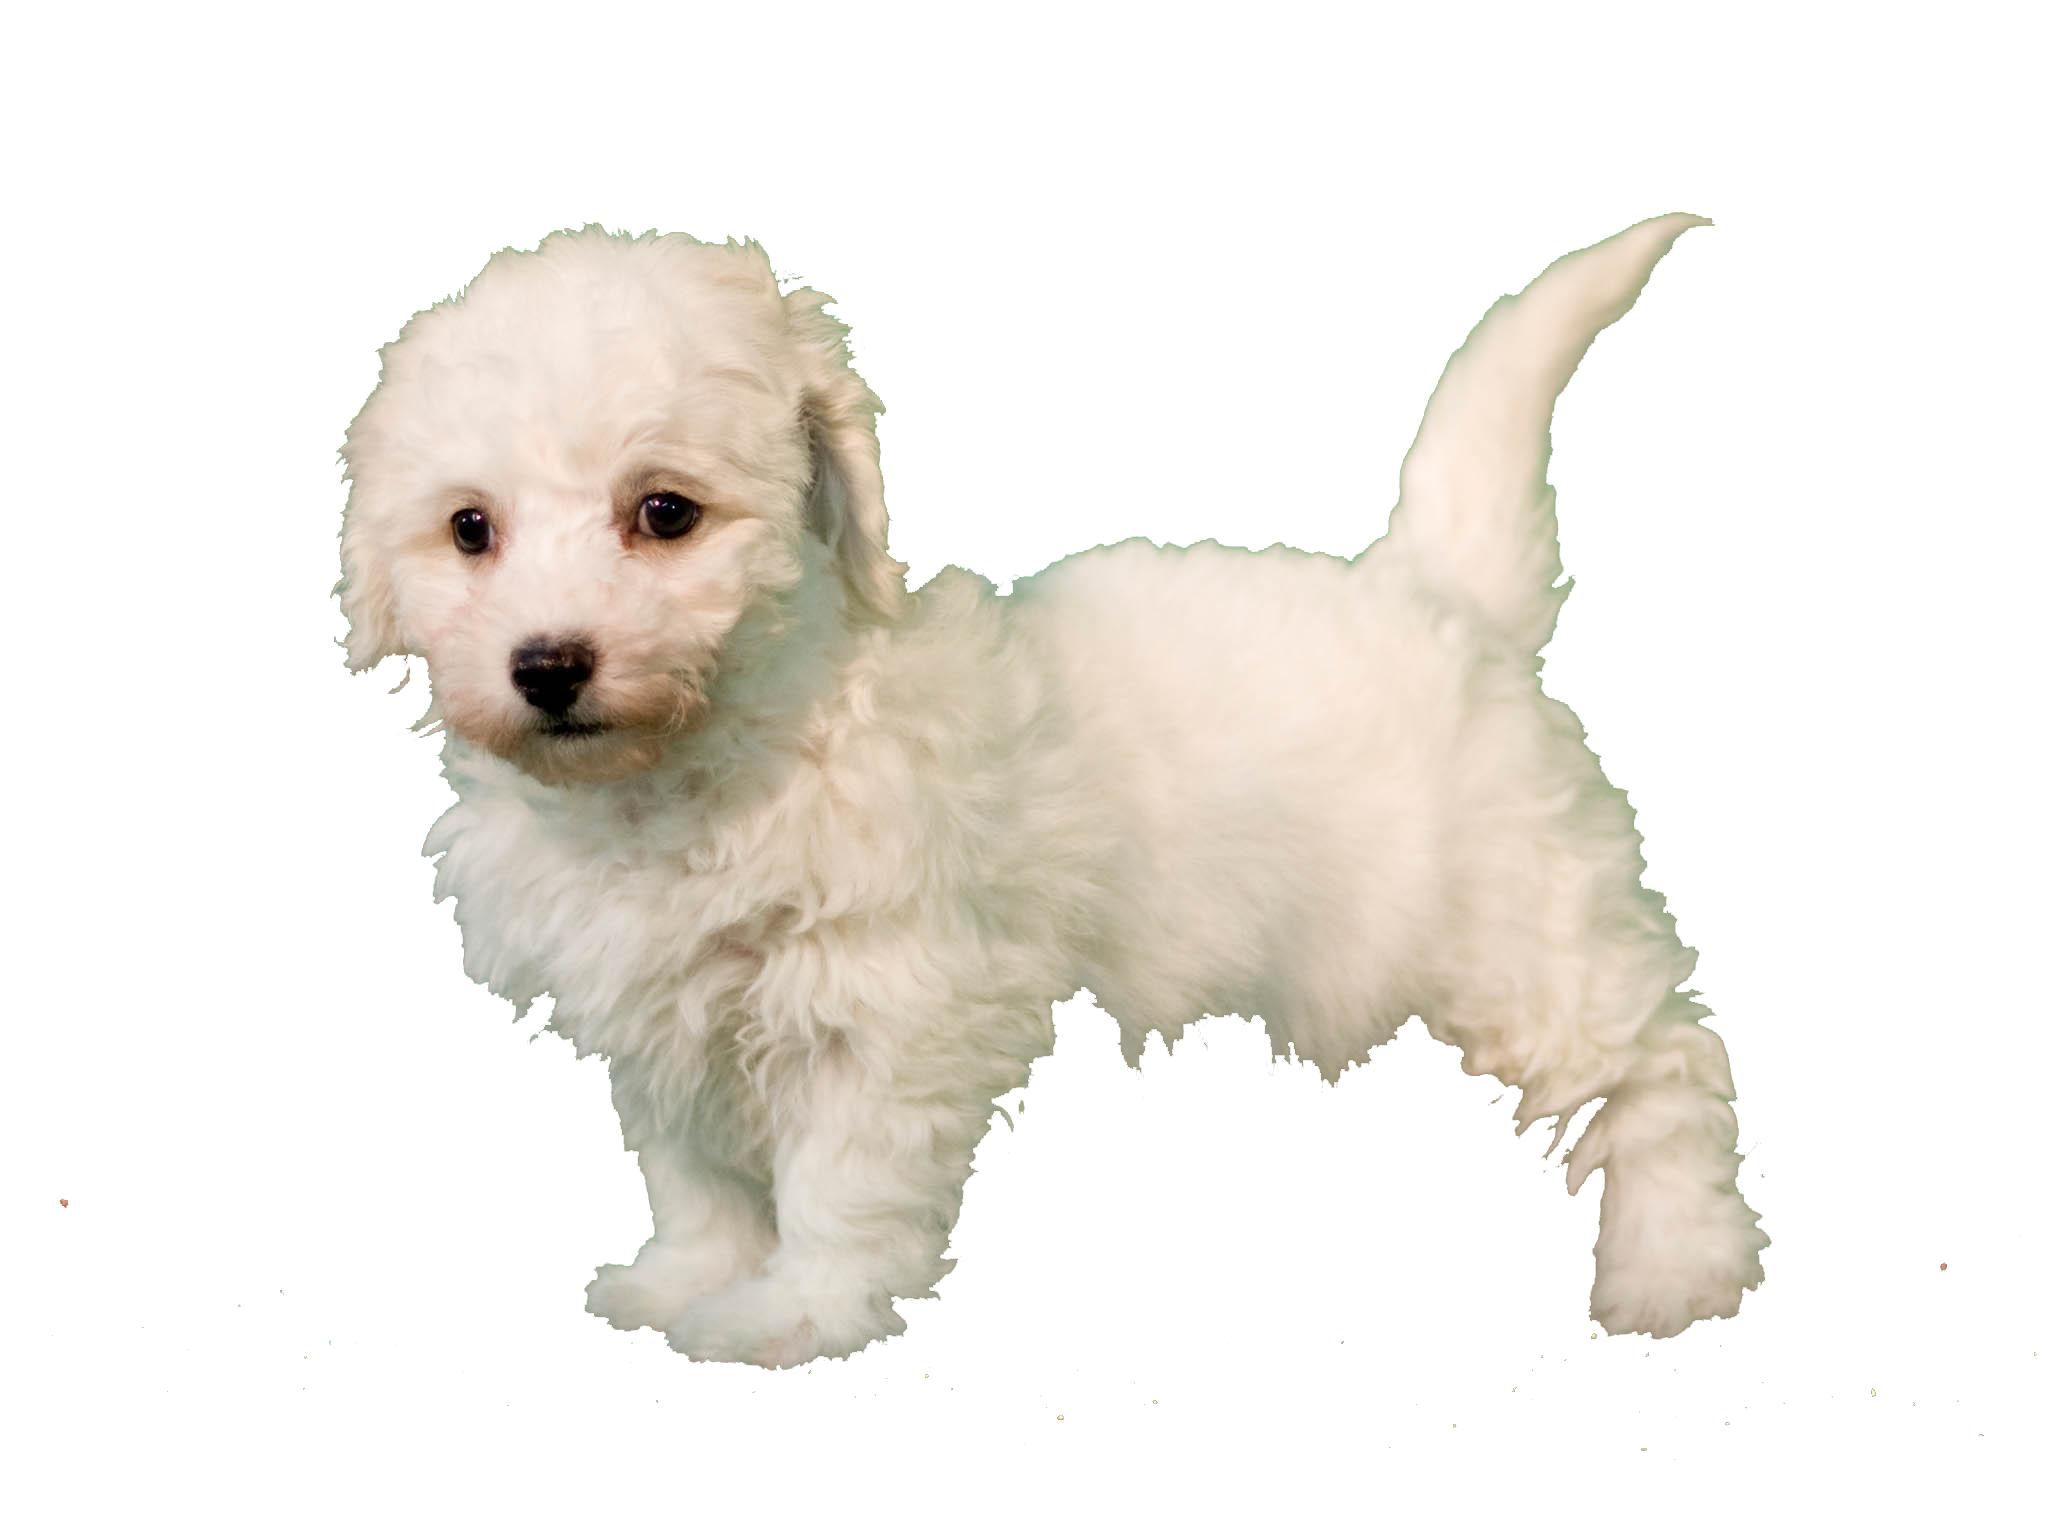 Изображение щенка после обработки